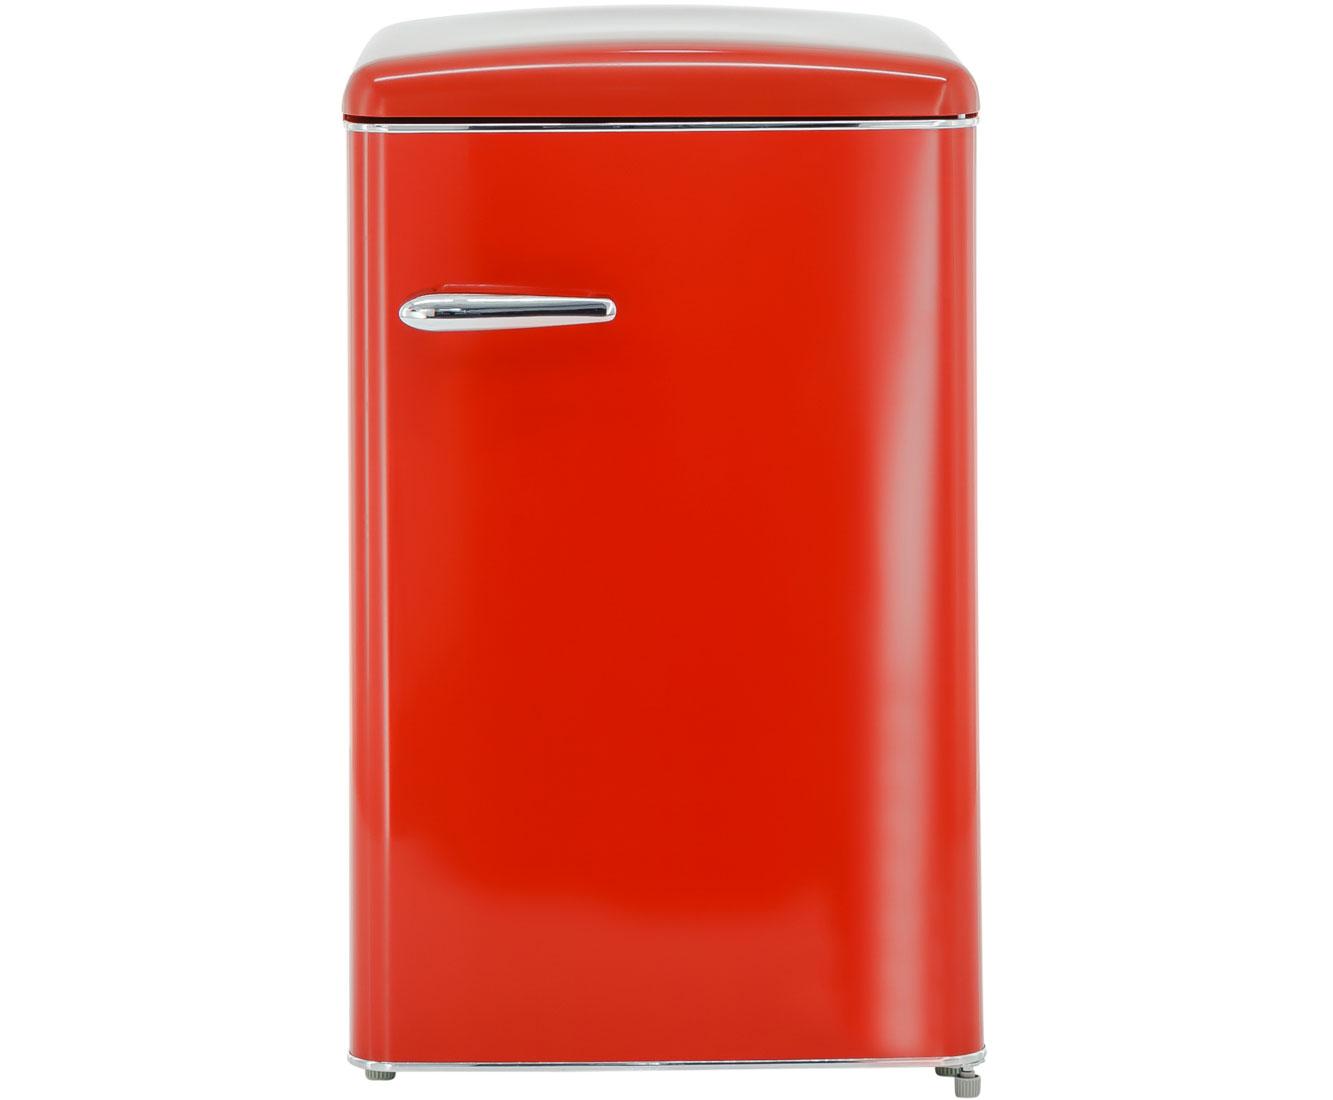 Retro Kühlschrank Rot : Exquisit rks rva kühlschrank rot retro design a